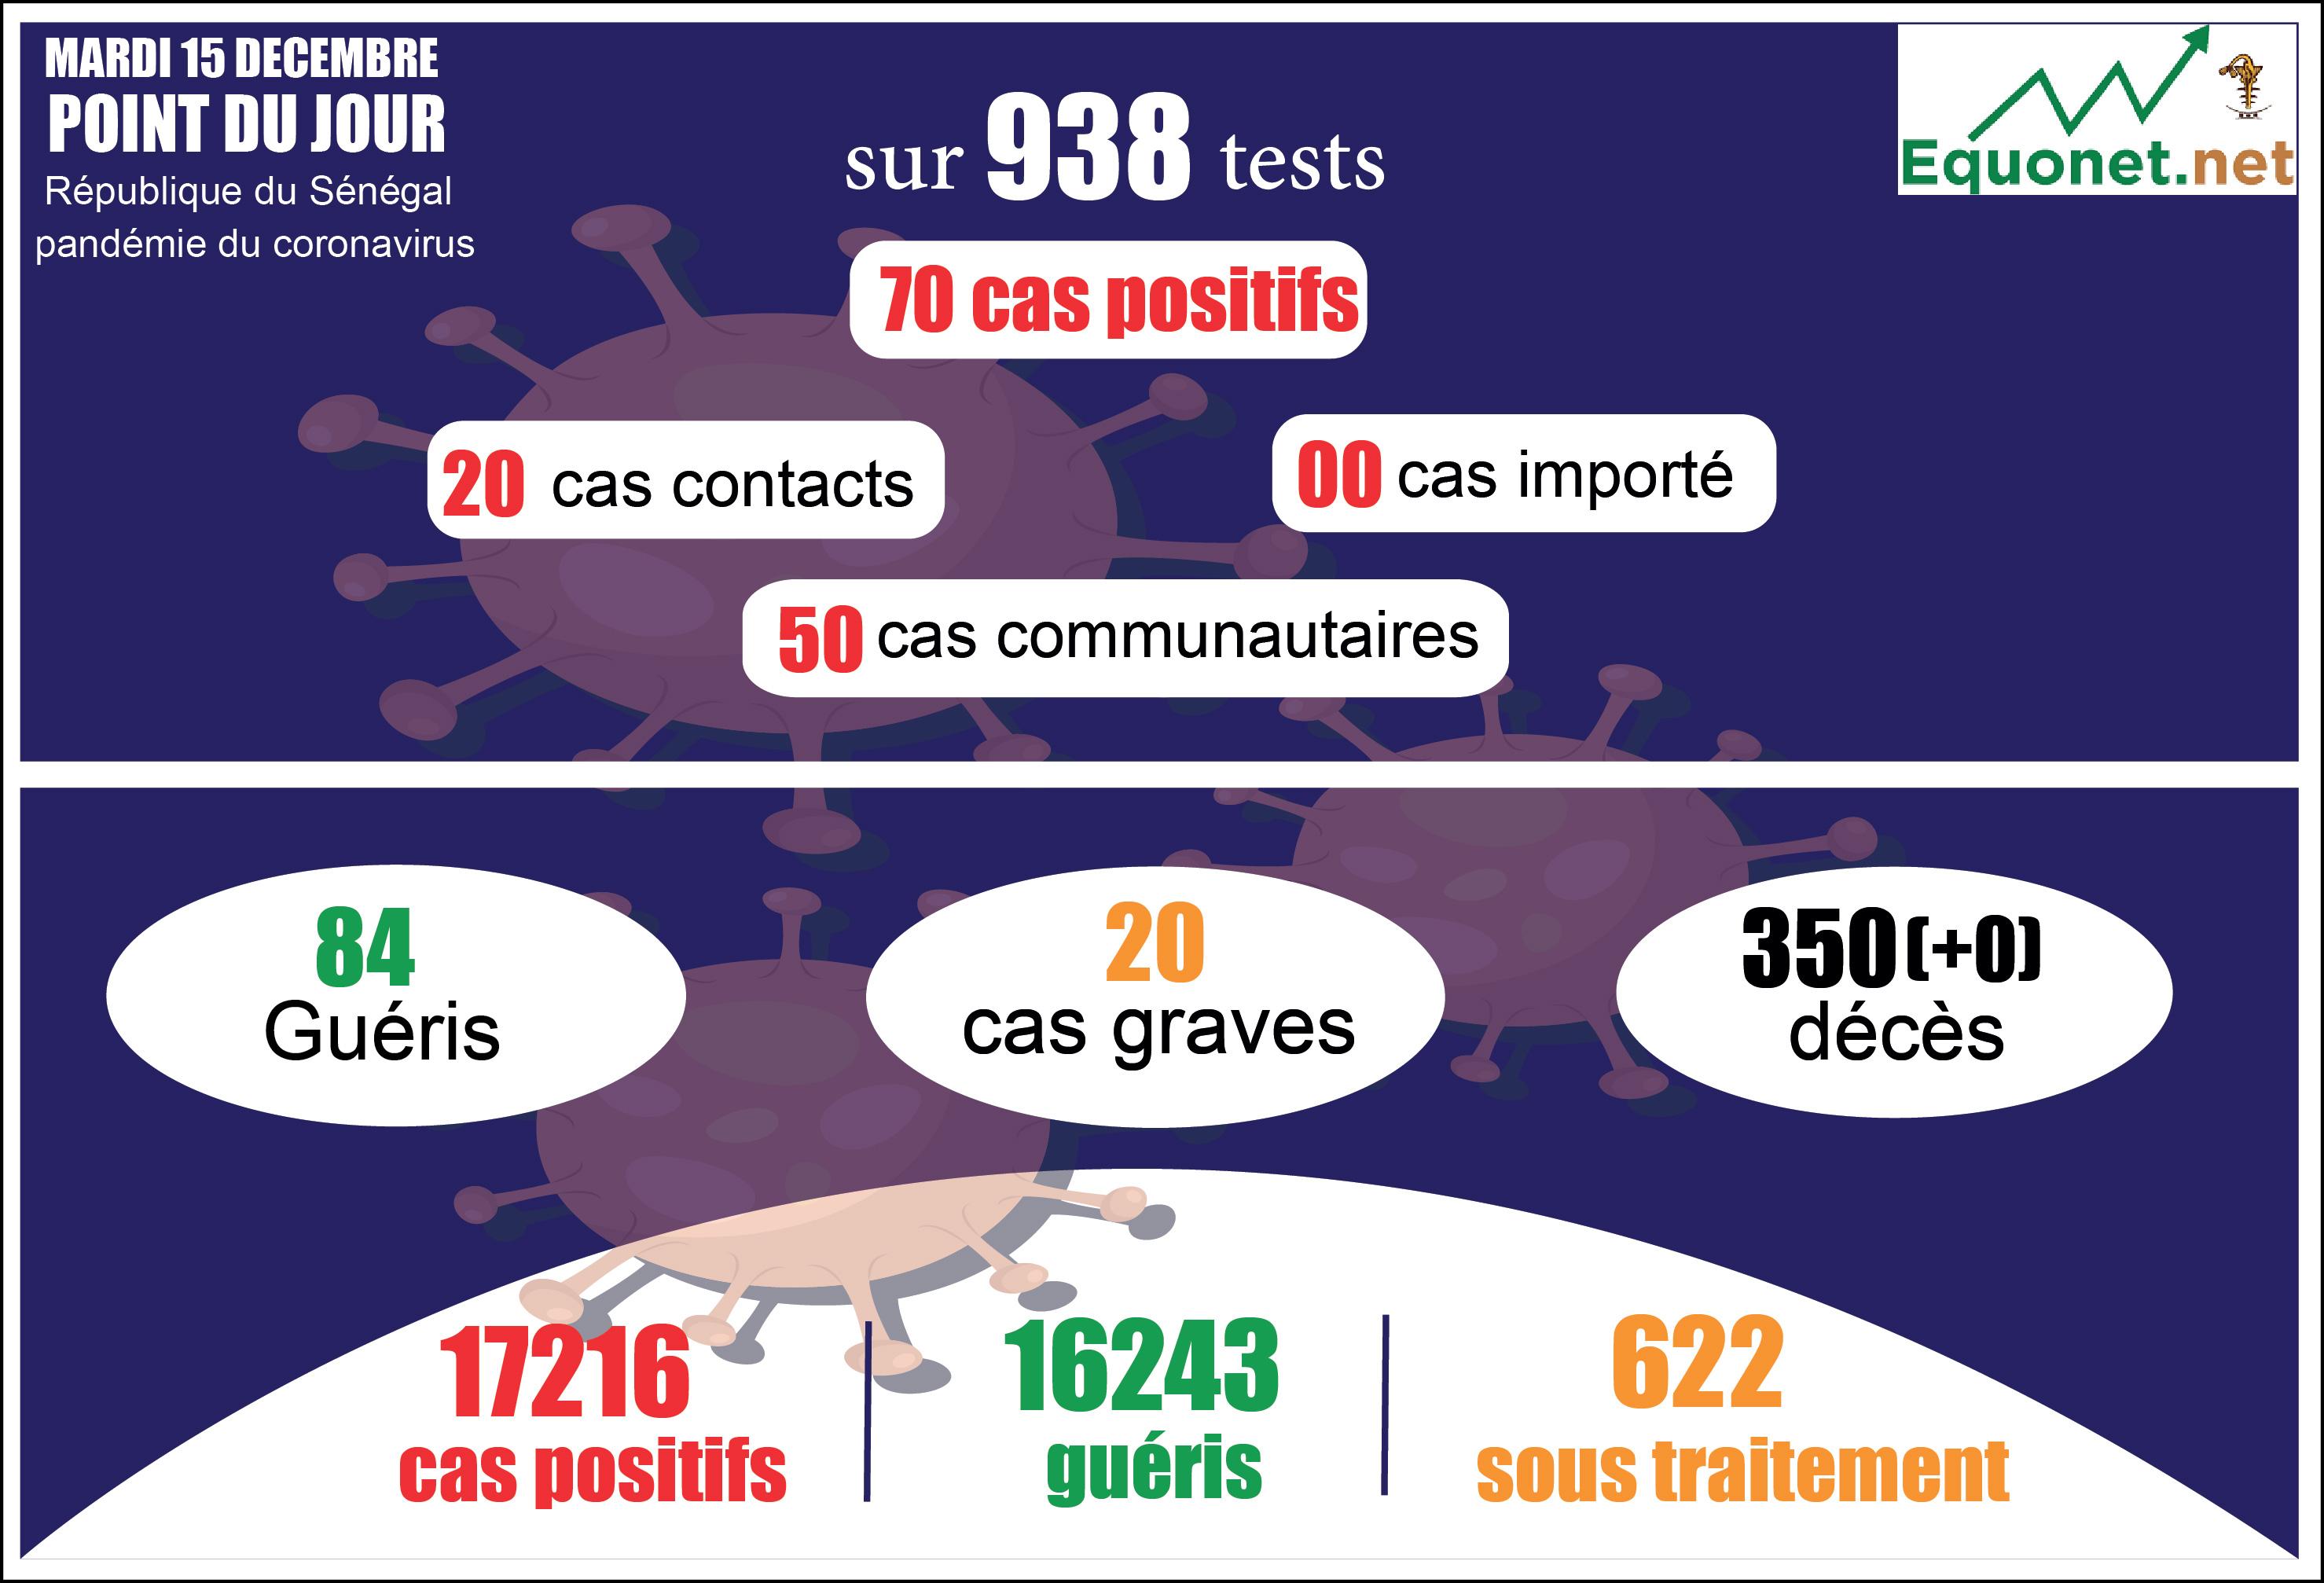 pandémie du coronavirus-covid-19 au sénégal : 50 cas communautaires ont été enregistrés ce mardi 15 décembre 2020